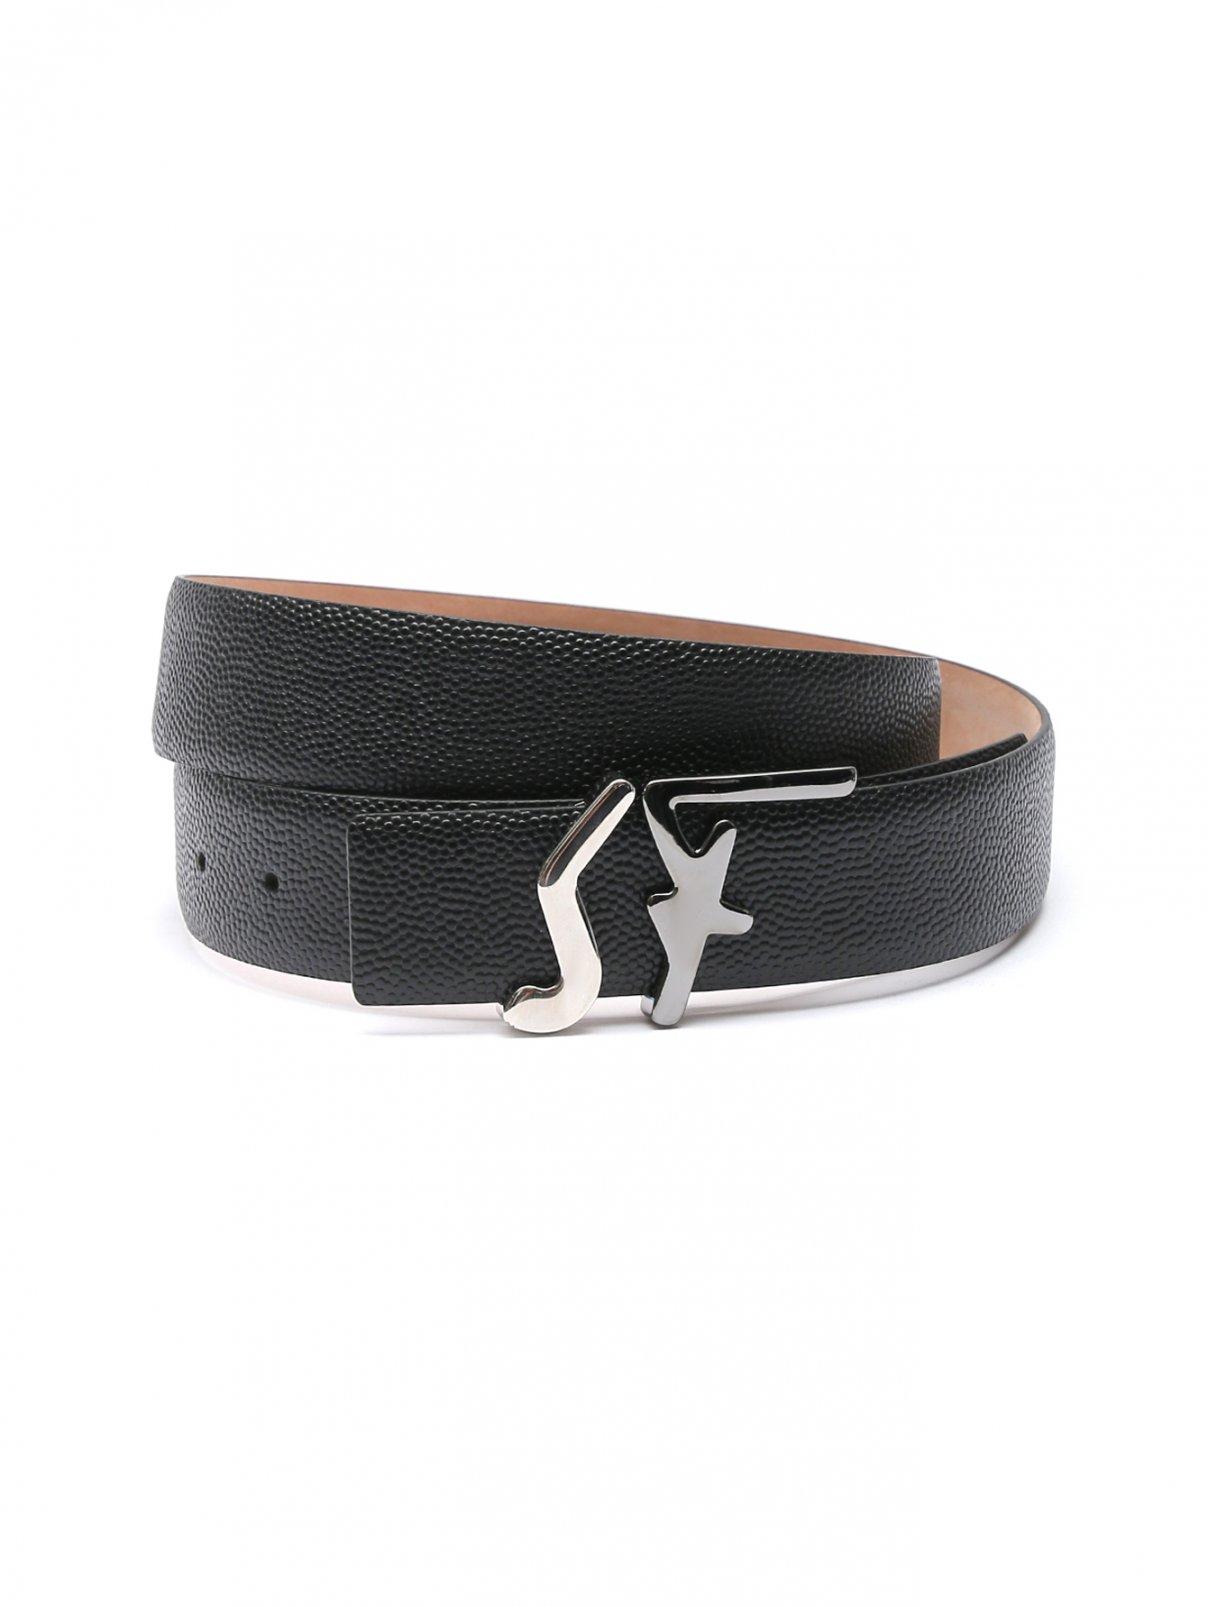 Кожаный ремень с пряжкой - логотипом Salvatore Ferragamo  –  Общий вид